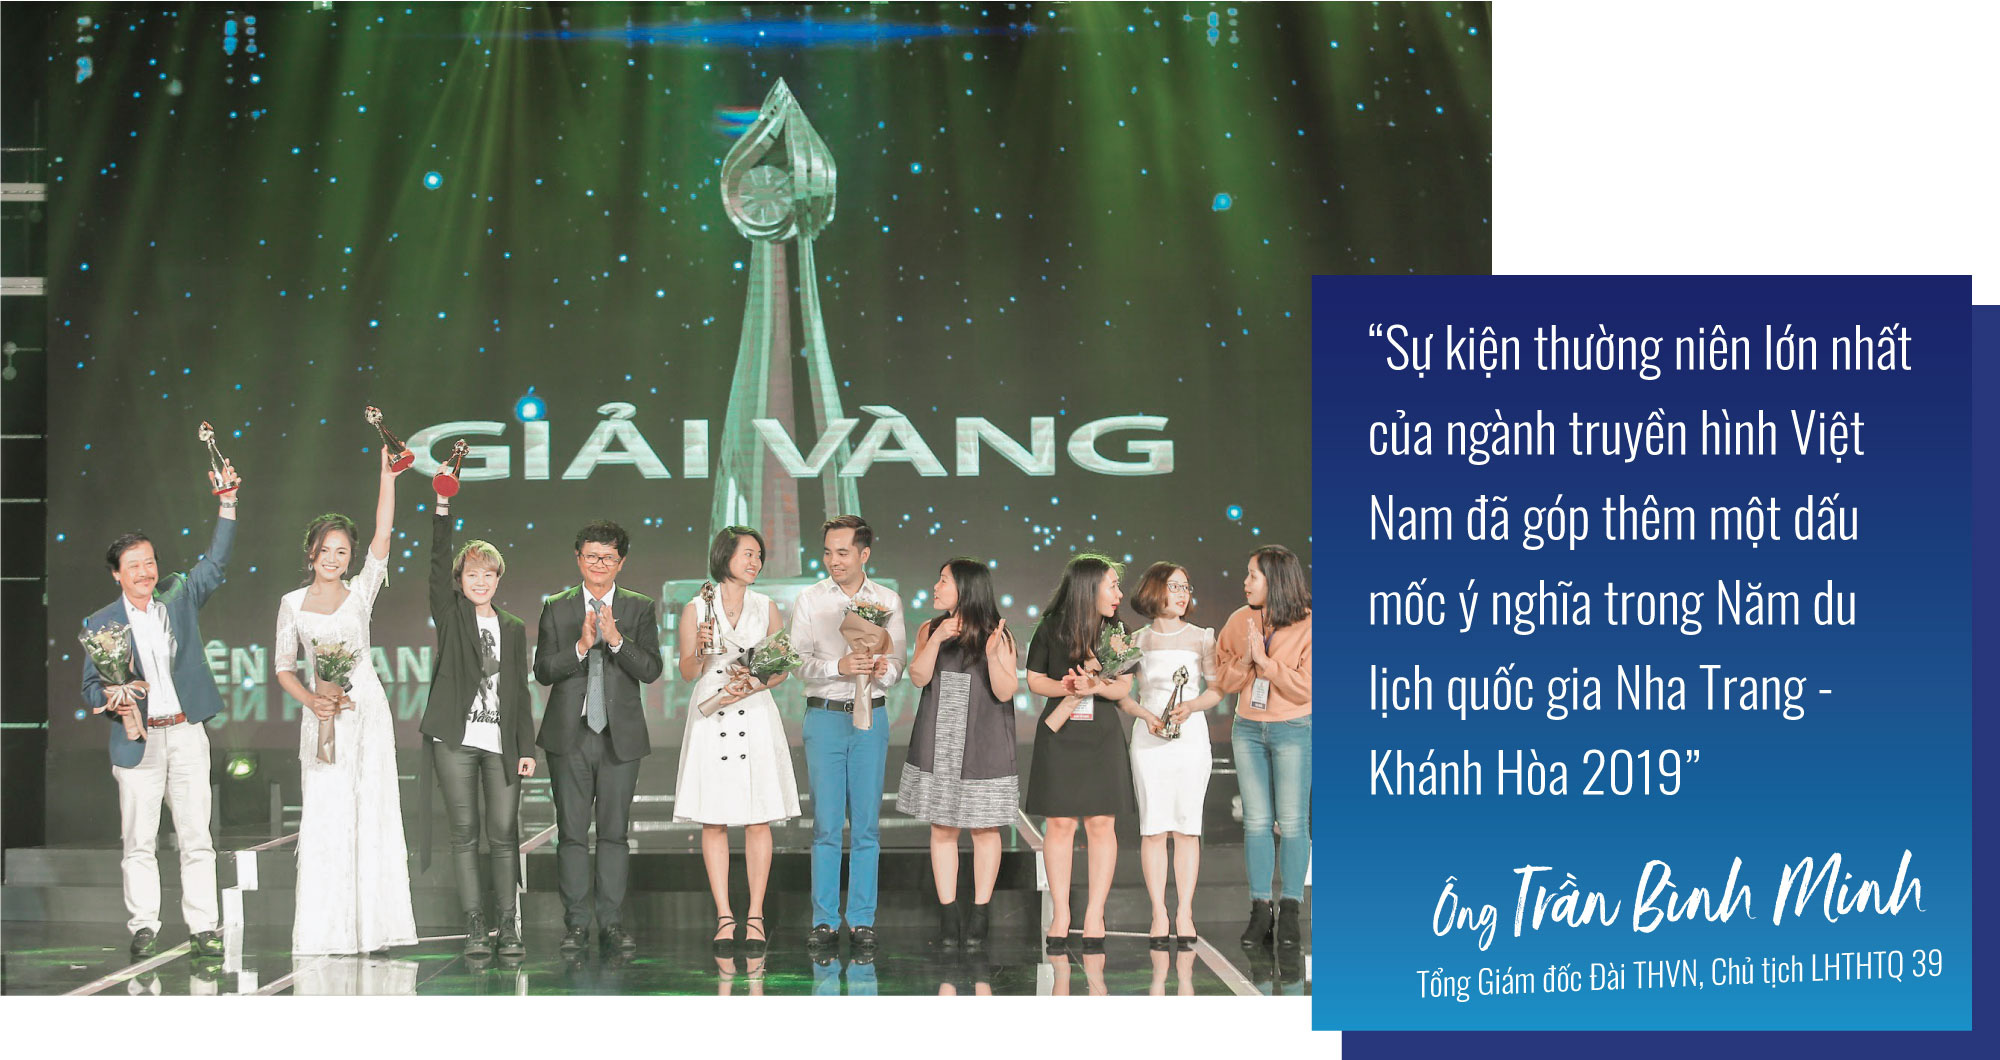 Liên hoan Truyền hình toàn quốc lần thứ 39: Ngày hội sôi động, ghi dấu mốc ý nghĩa tại thành phố biển Nha Trang - Ảnh 11.